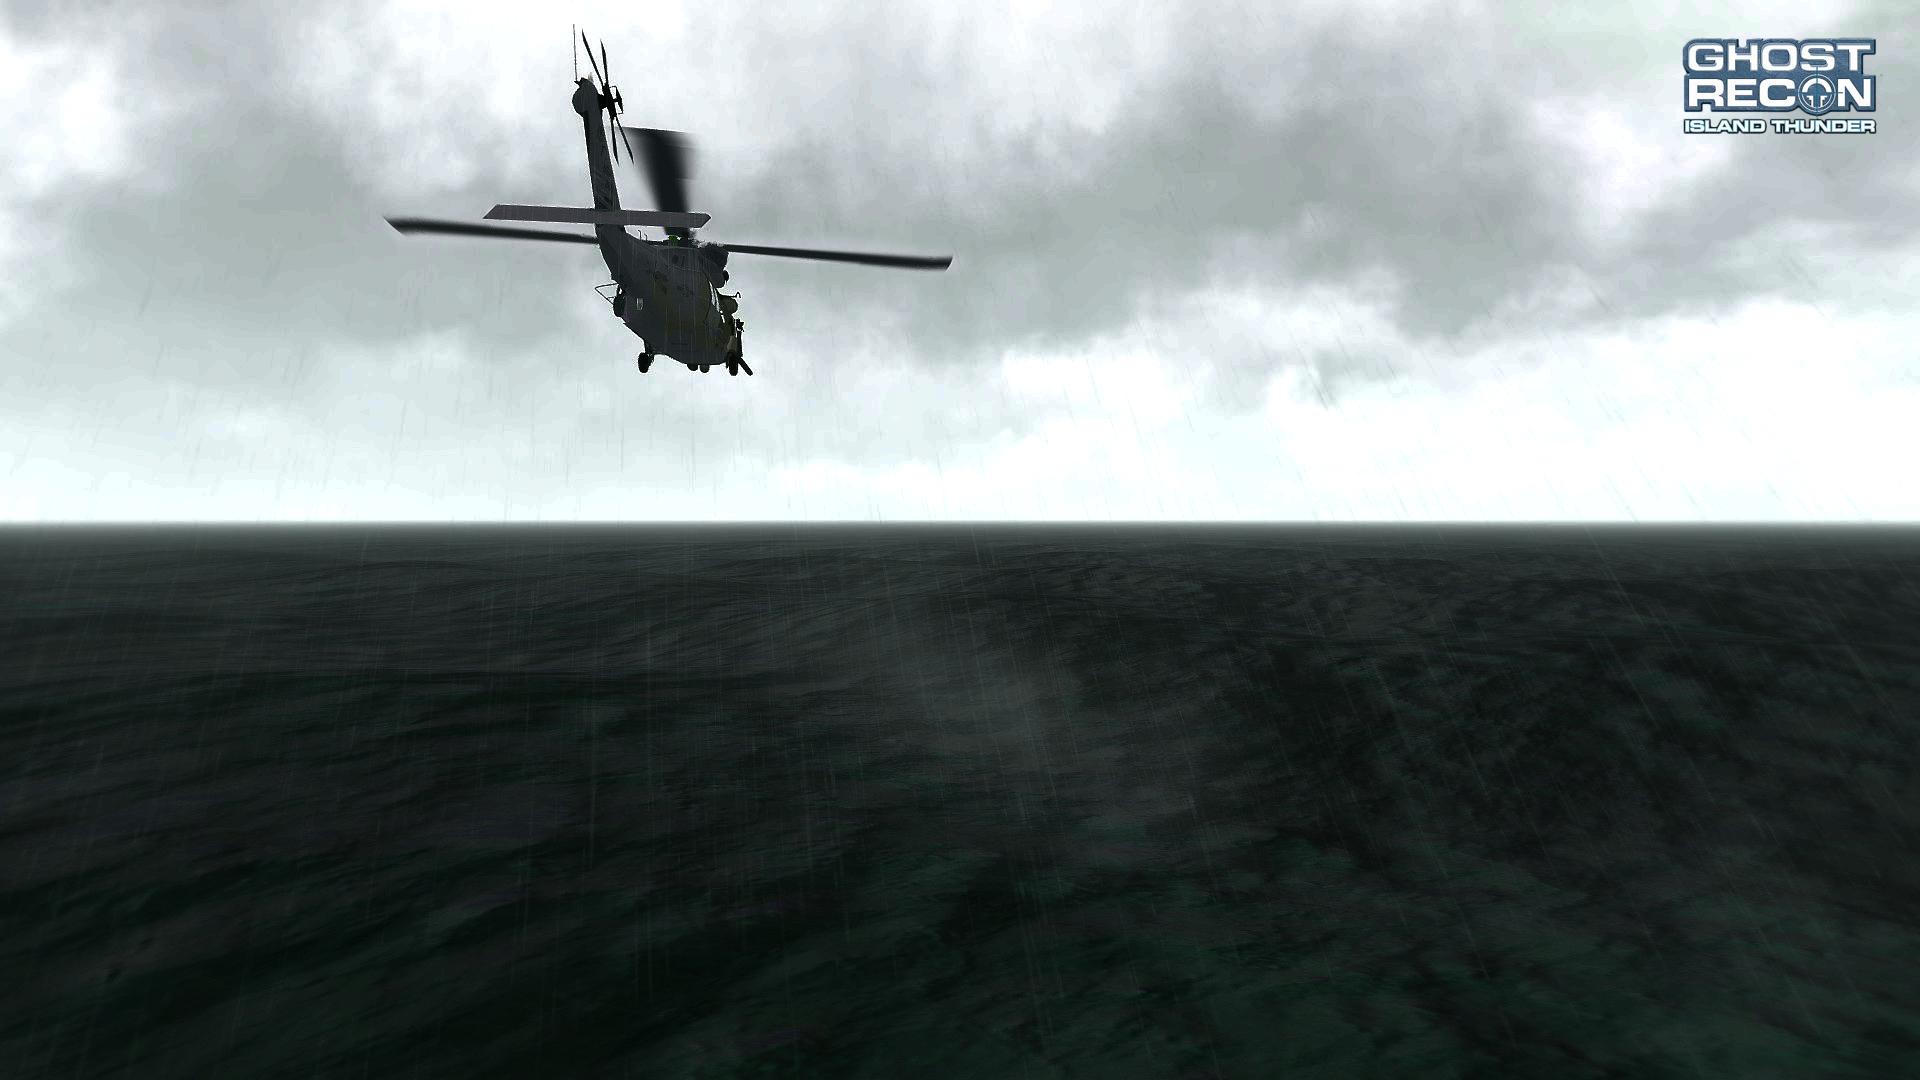 arma_3__island_thunder_by_zeealex-d7y7y5